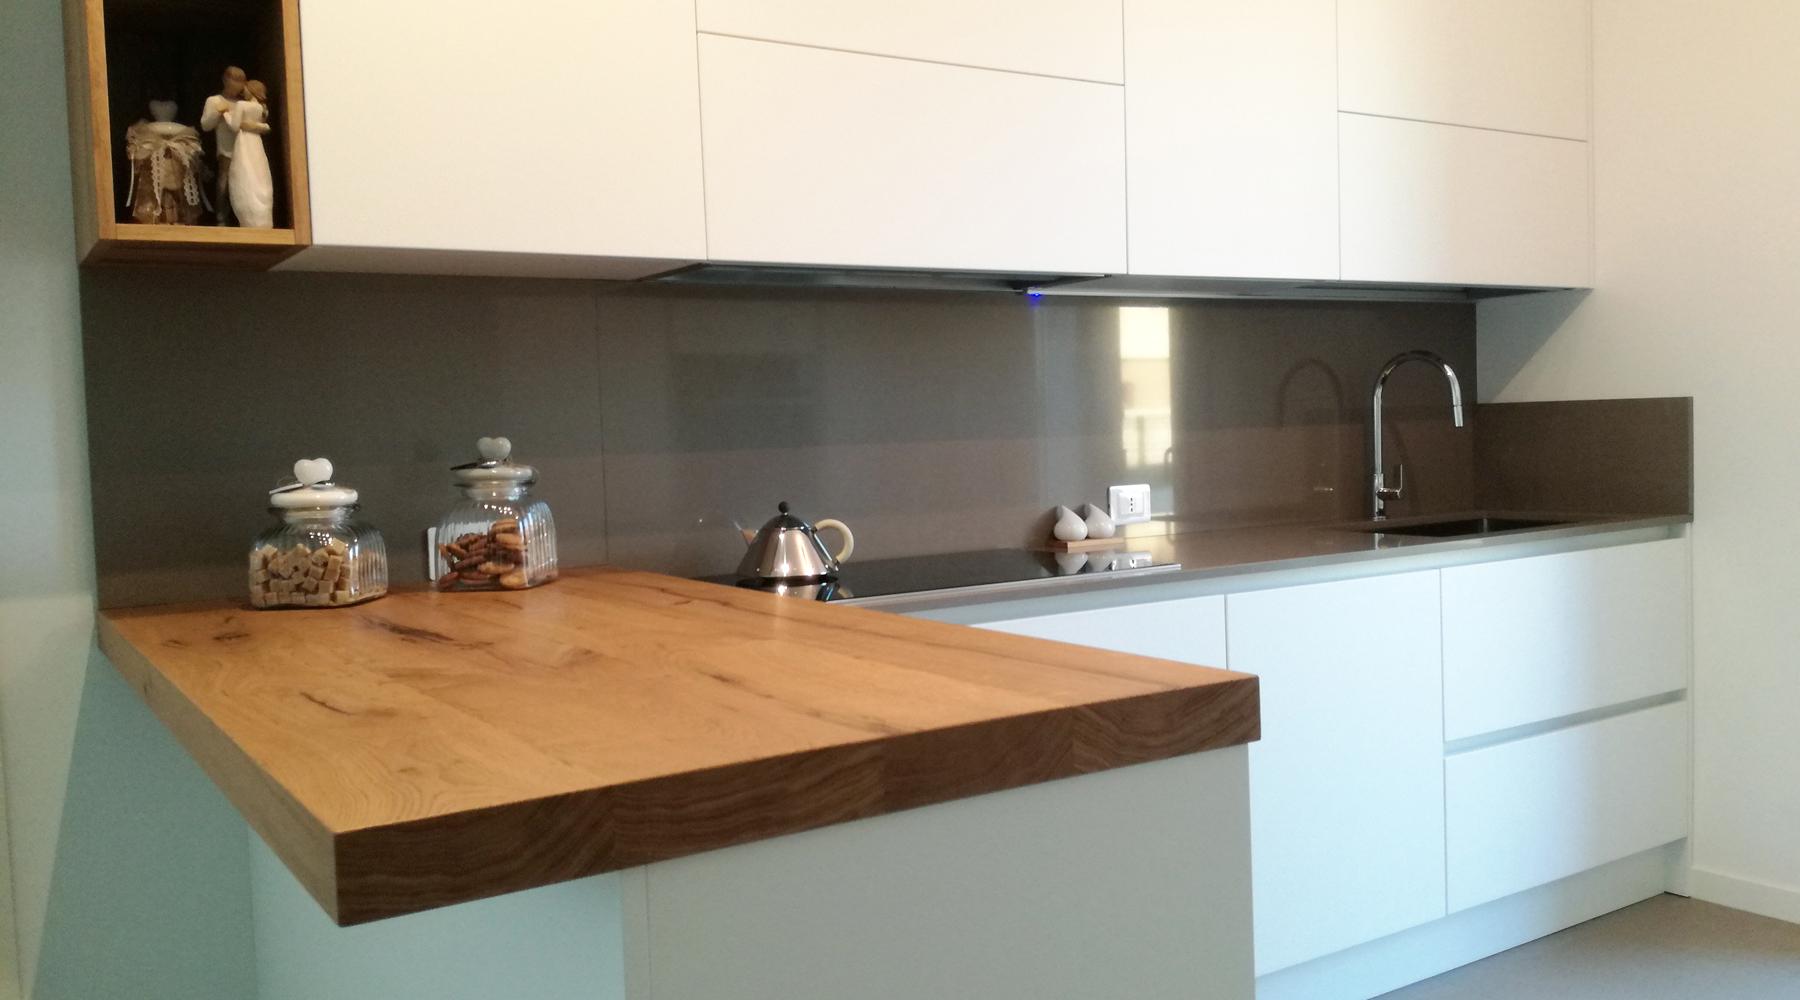 Cucina laccato bianco con top taupe e penisola in legno - Cucina bianca legno ...